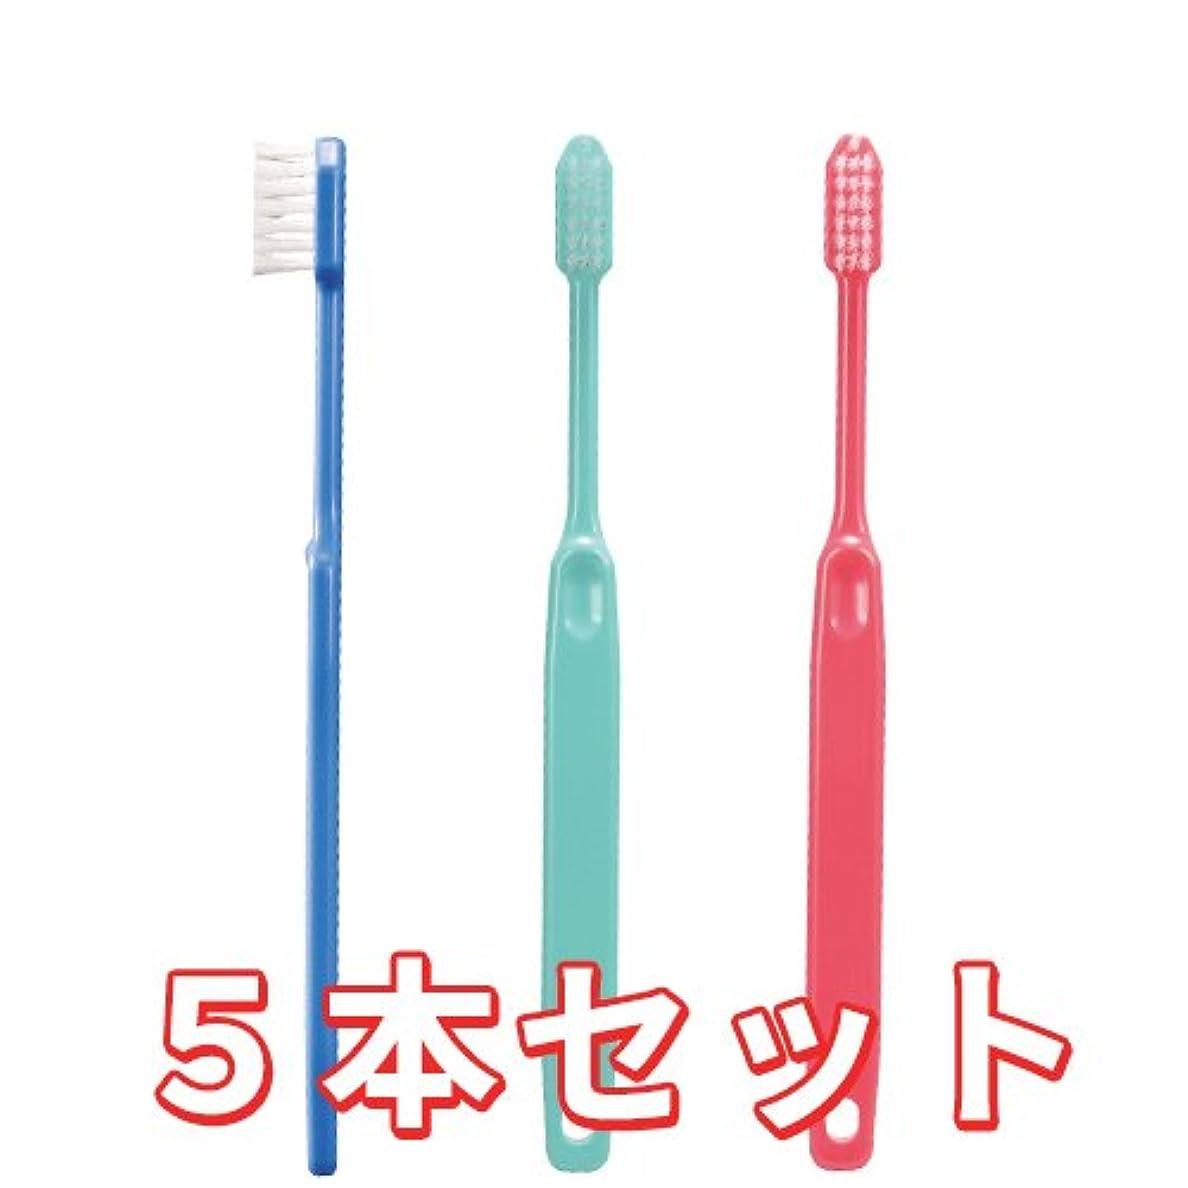 花束切り刻む費やすCiメディカル 歯ブラシ コンパクトヘッド 疎毛タイプ アソート 5本 (Ci26(重度炎症?形成?オペ後))